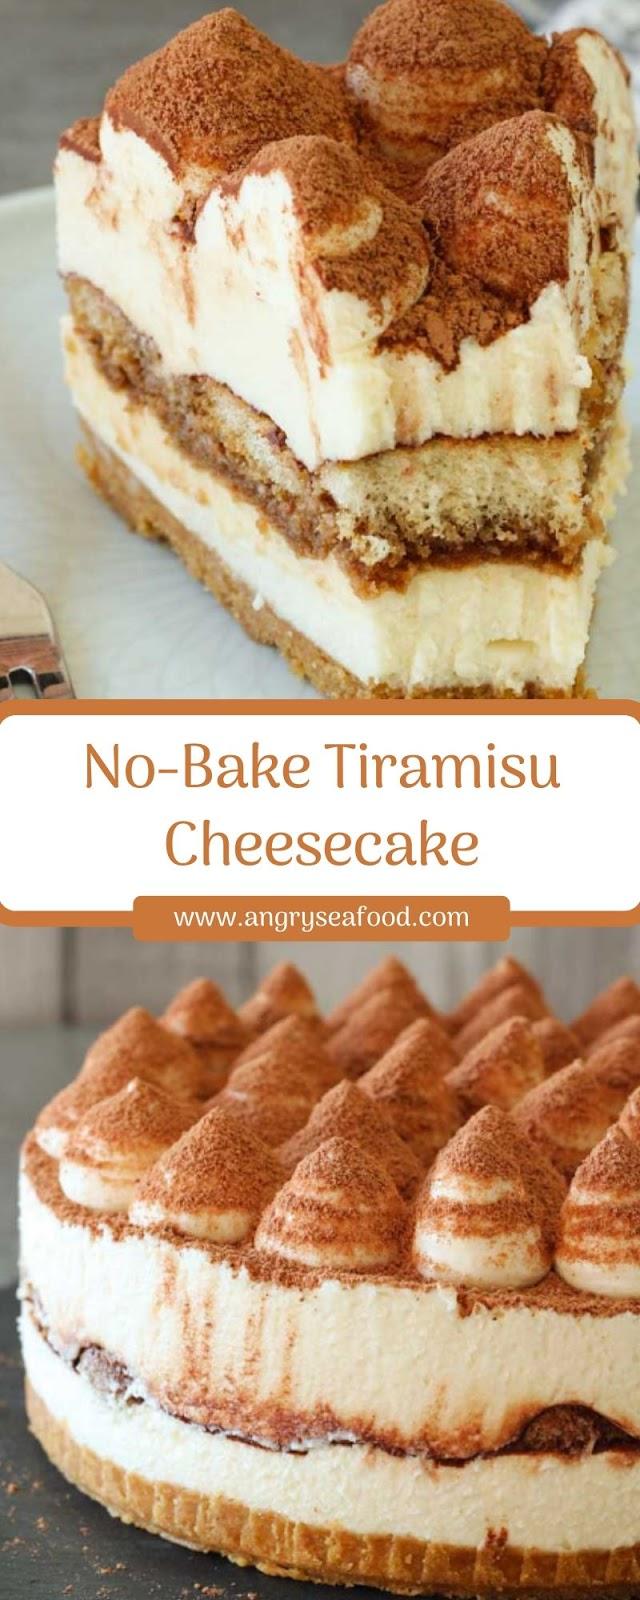 No-Bake Tiramisu Cheesecake